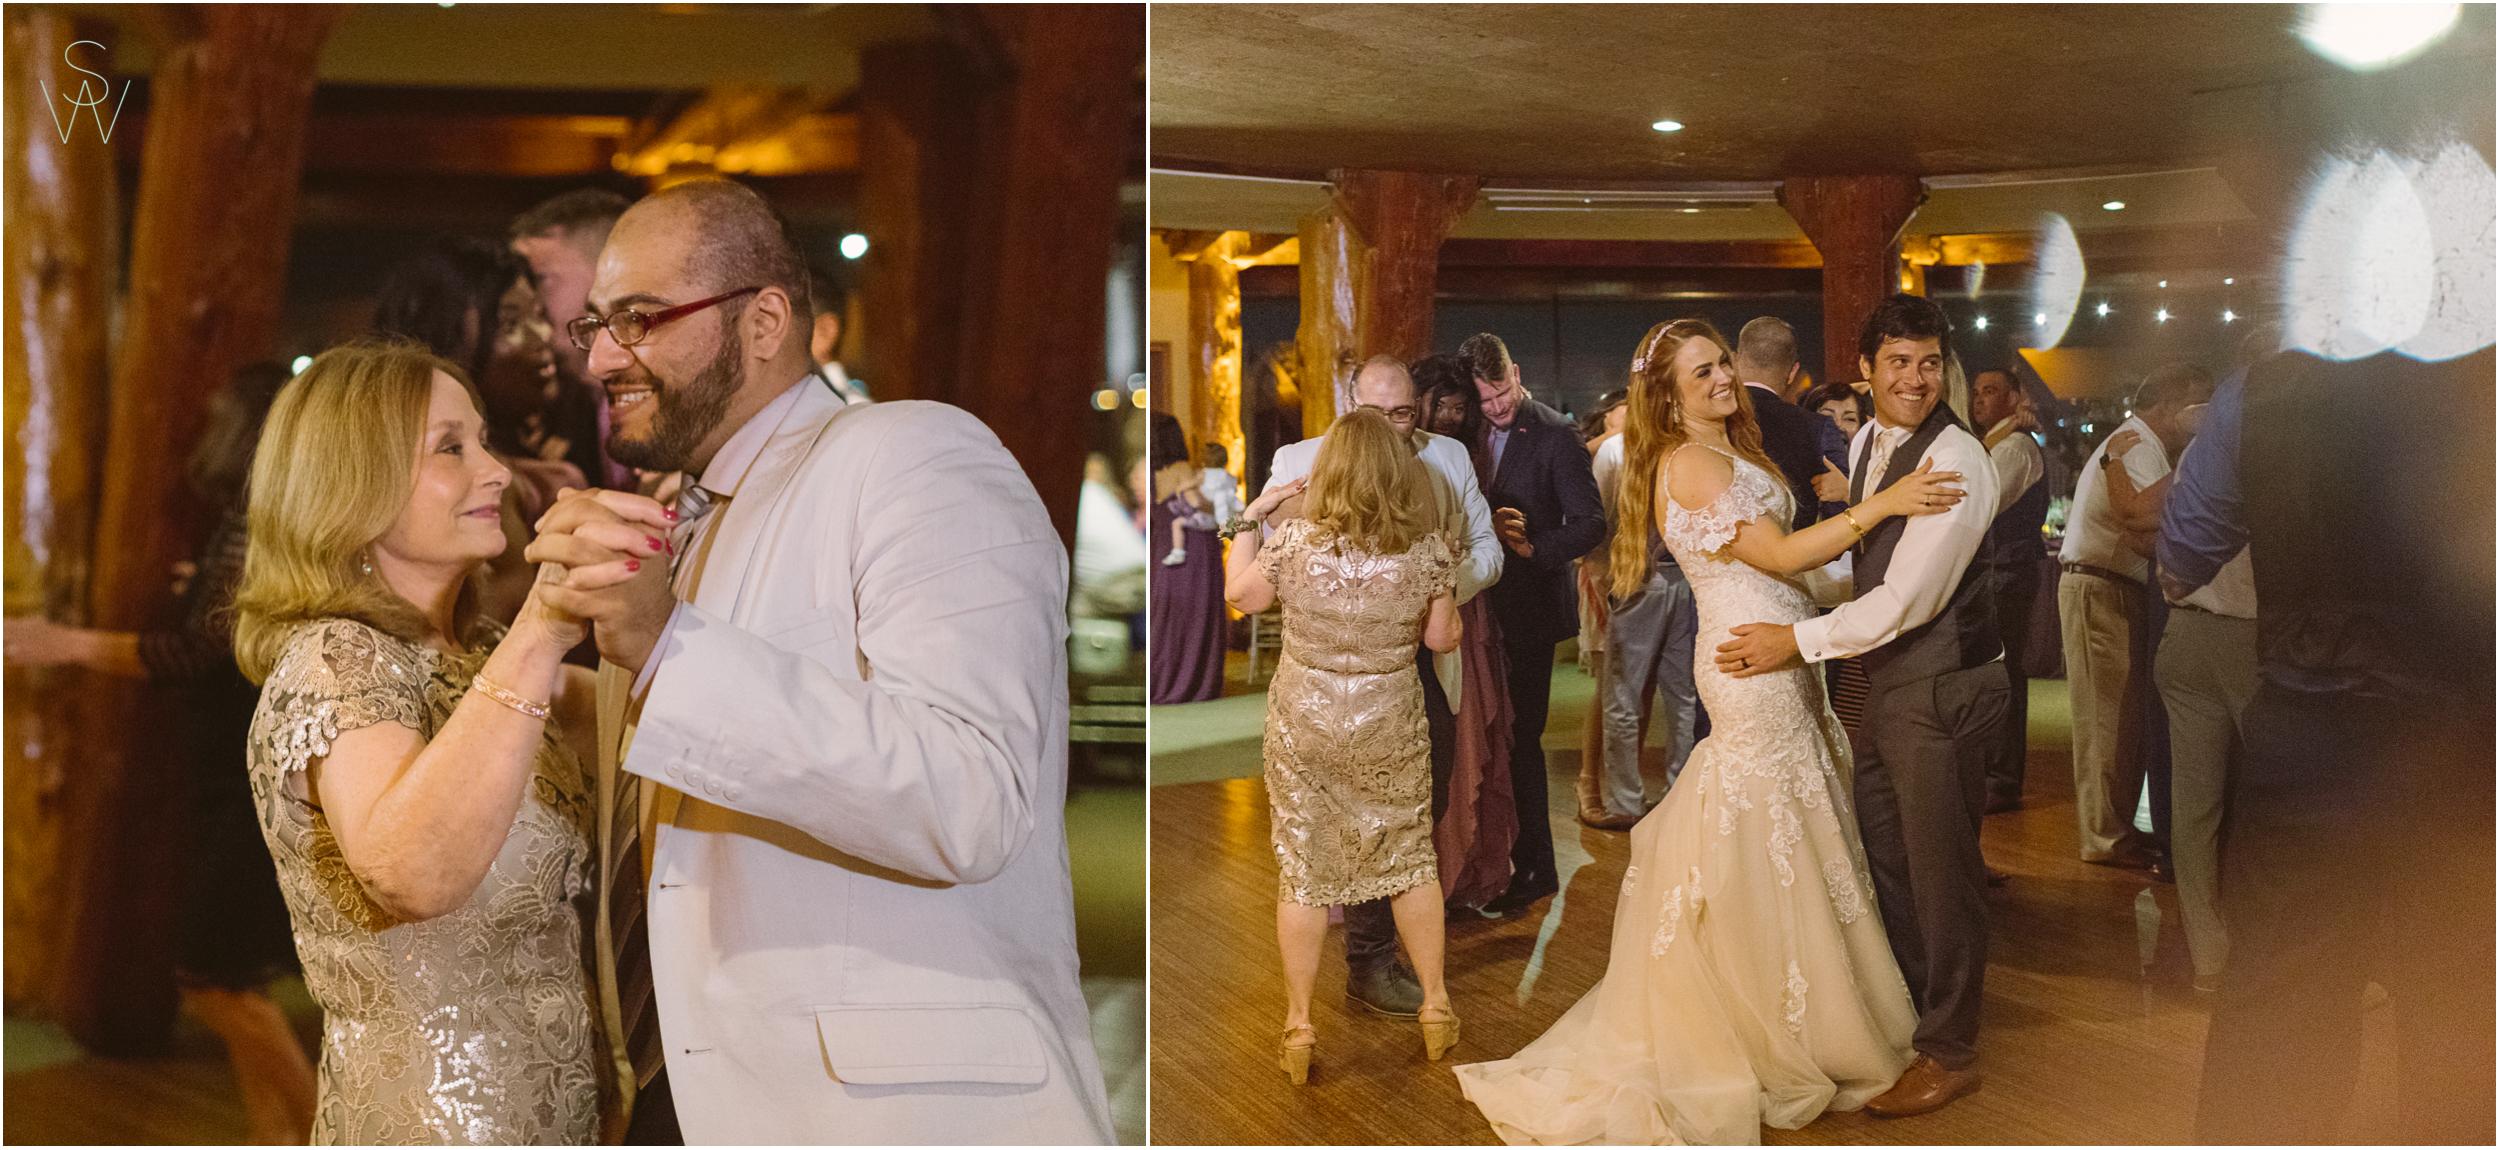 194San.diego.wedding.shewanders.photography.JPG